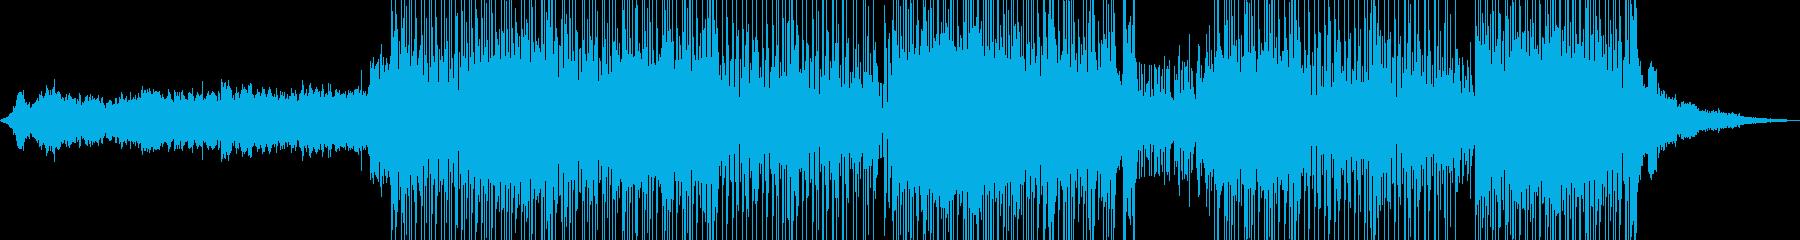 琴・尺八・レトロな演歌調ポップ+の再生済みの波形